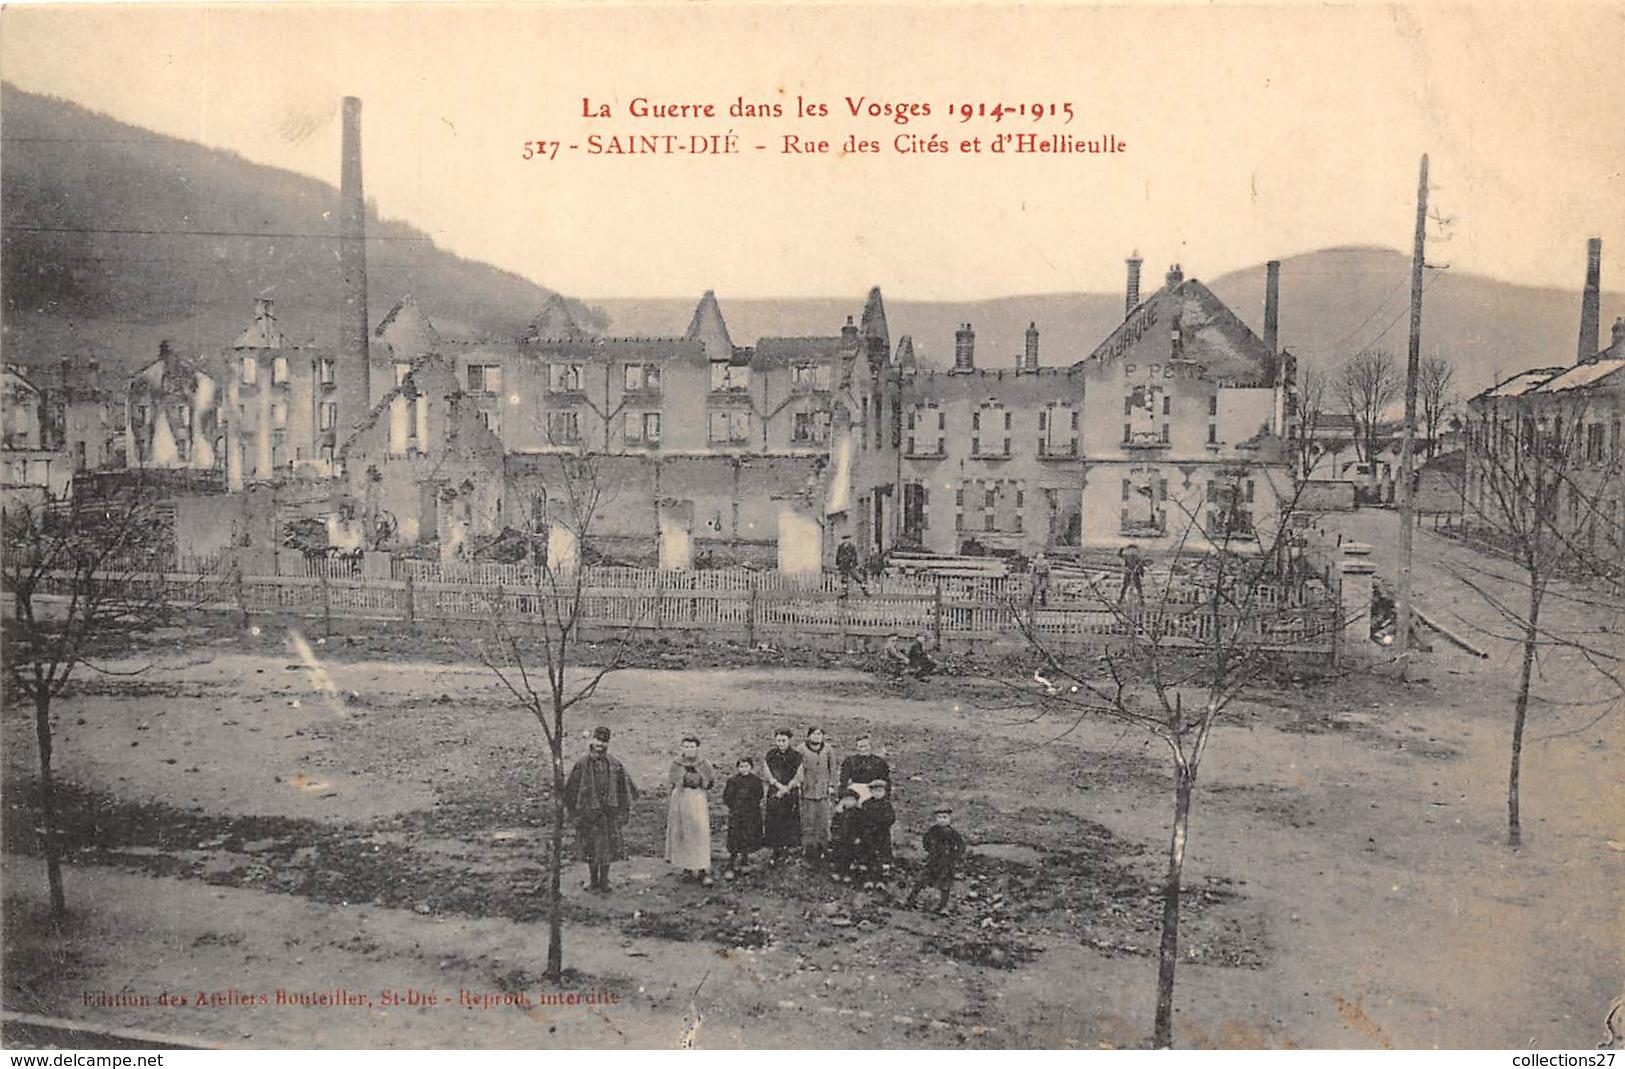 88-SAINT-DIE- RUE DES CITES ET D'HELLIEULLE LA GEURRE DANS LES VOSGES 14/15 - Saint Die